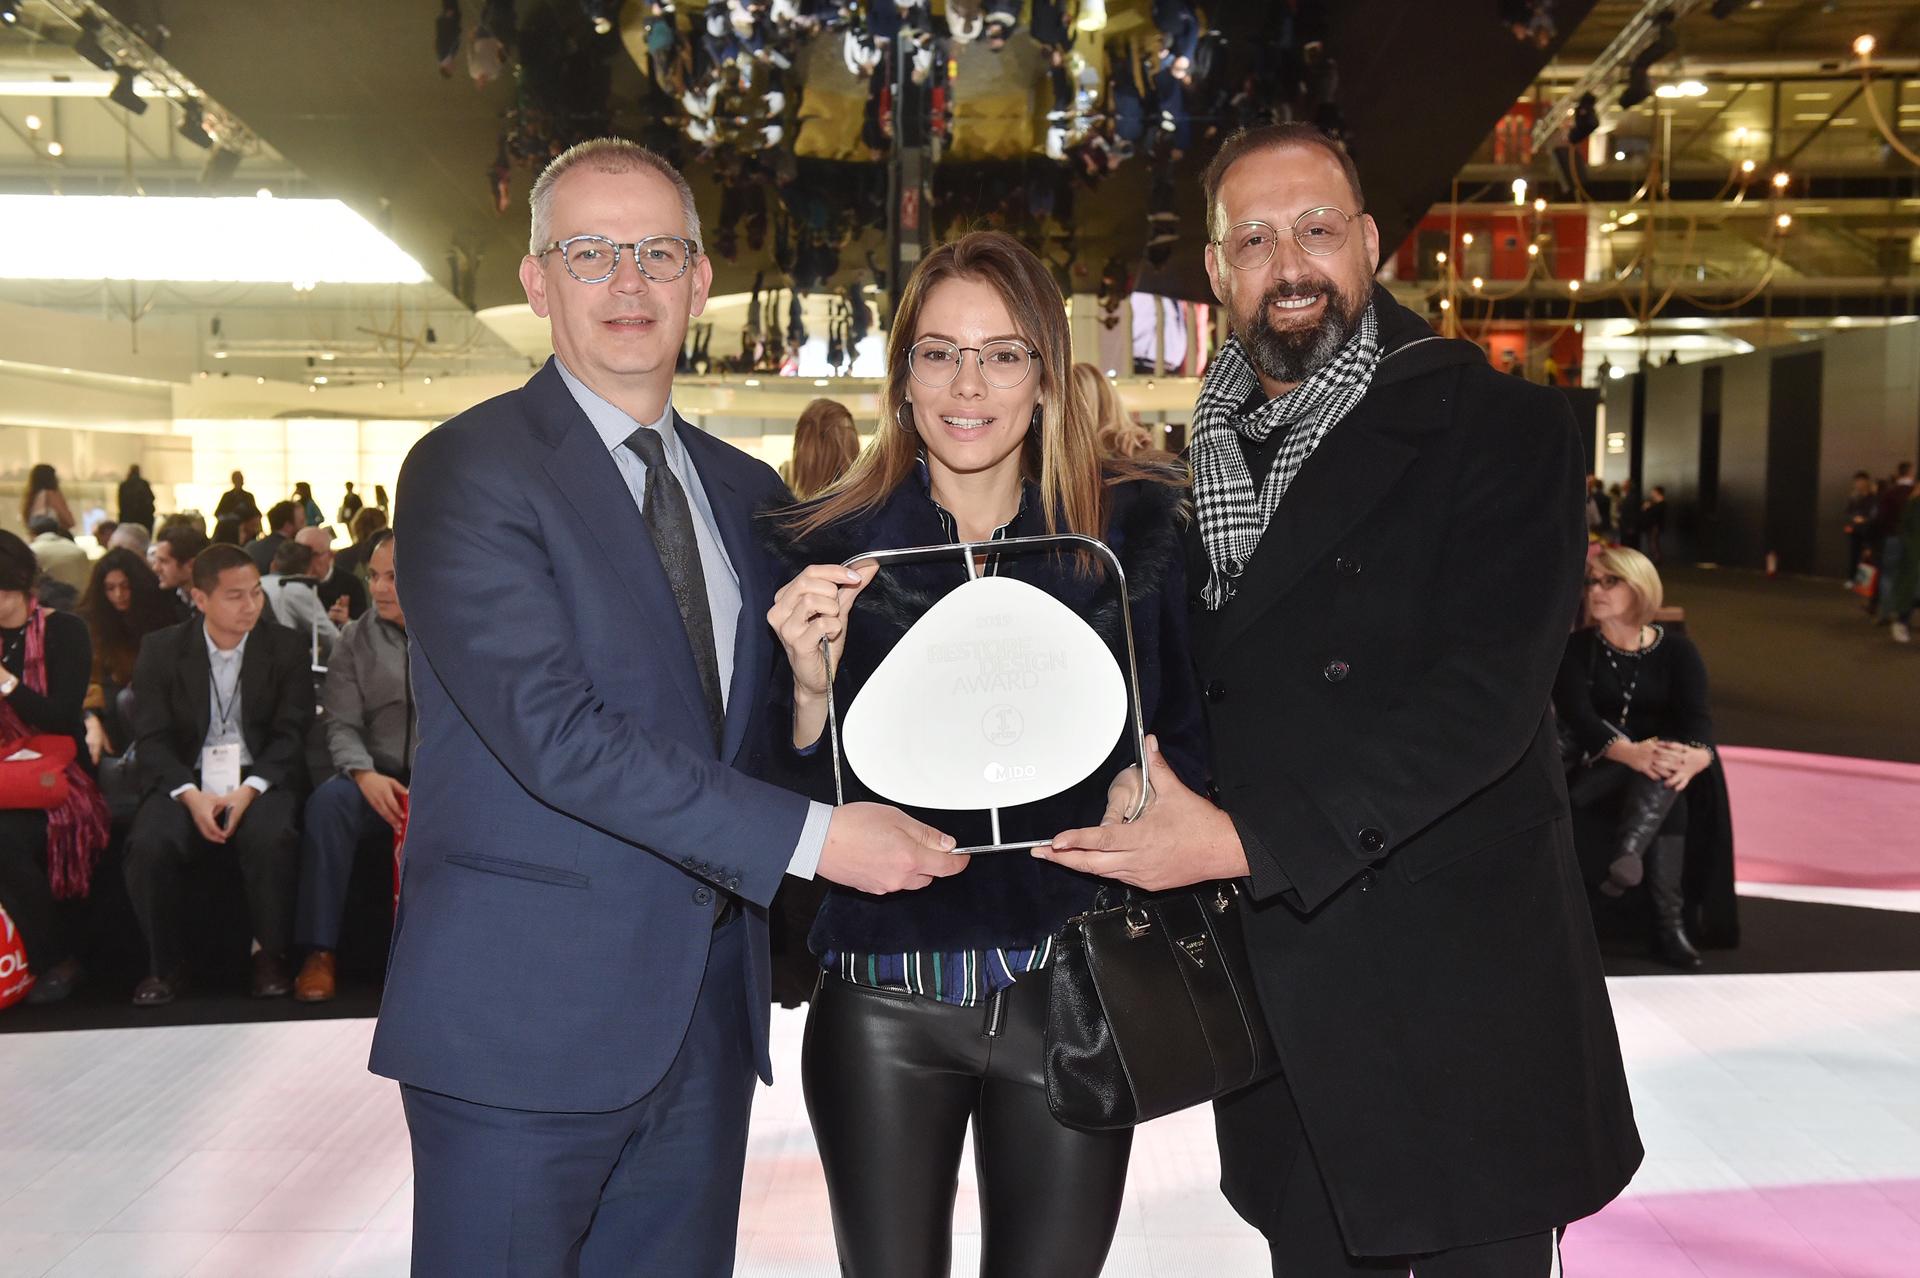 El Bestore Design 2019 en las manos de Giovanni Vitaloni -presidente de MIDO, izquierda-, Karoline Castañeda -Design INFINIT- y Gabriel Hanfling